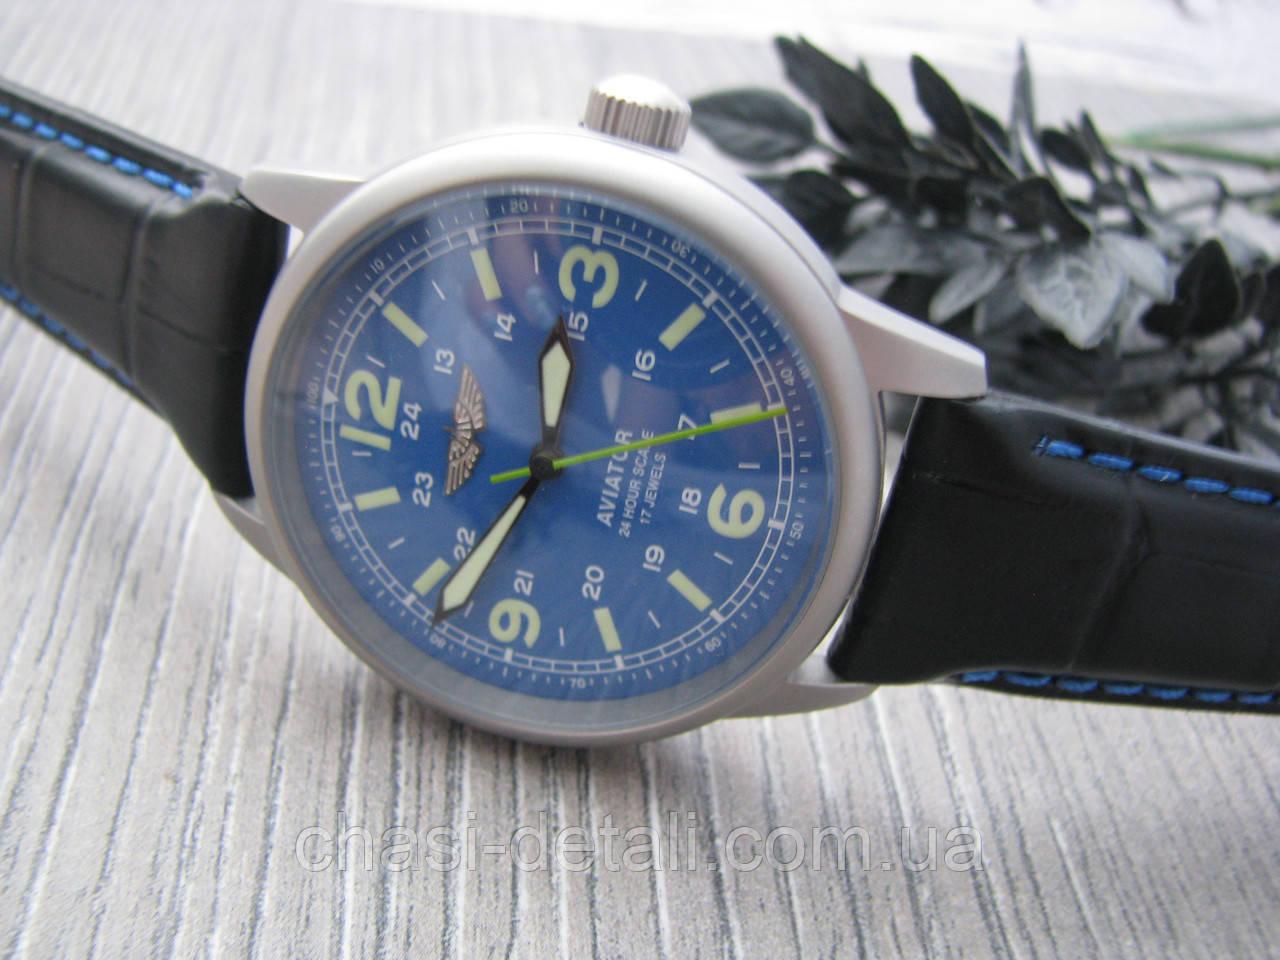 Часы Полет - Штурманские, наручные часы. Механизм советский